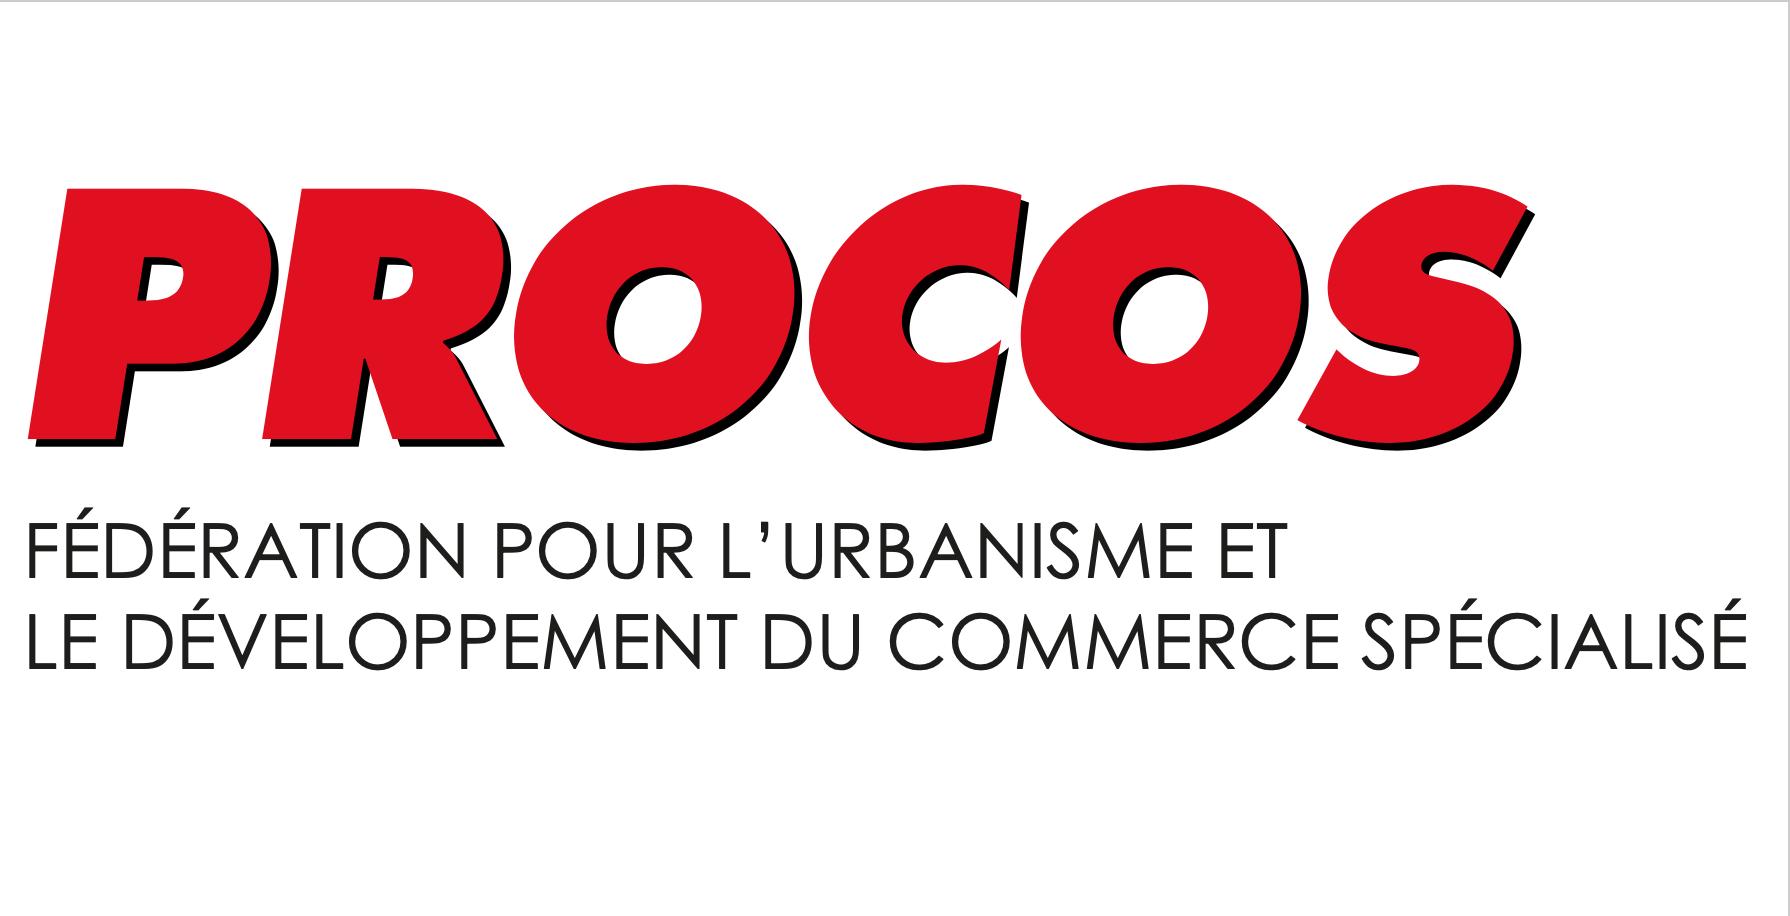 logo officiel Procos 2020